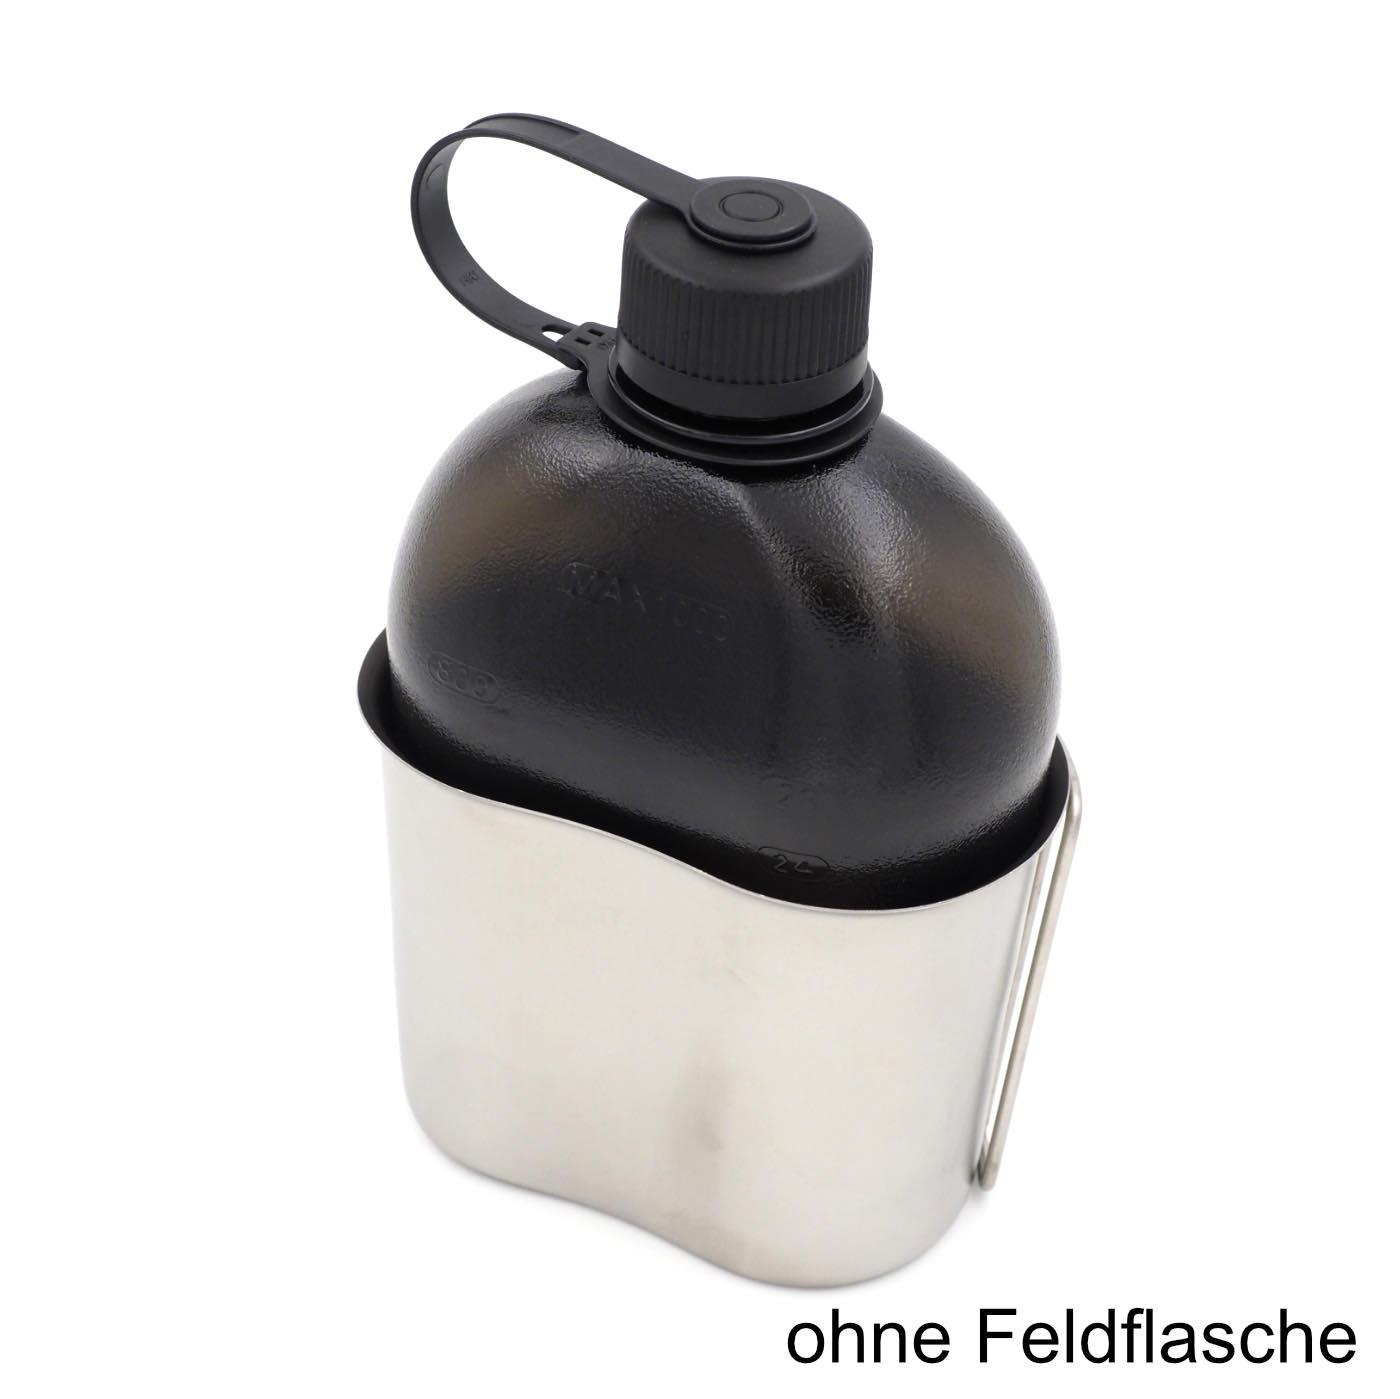 MFH US Feldflaschenbecher